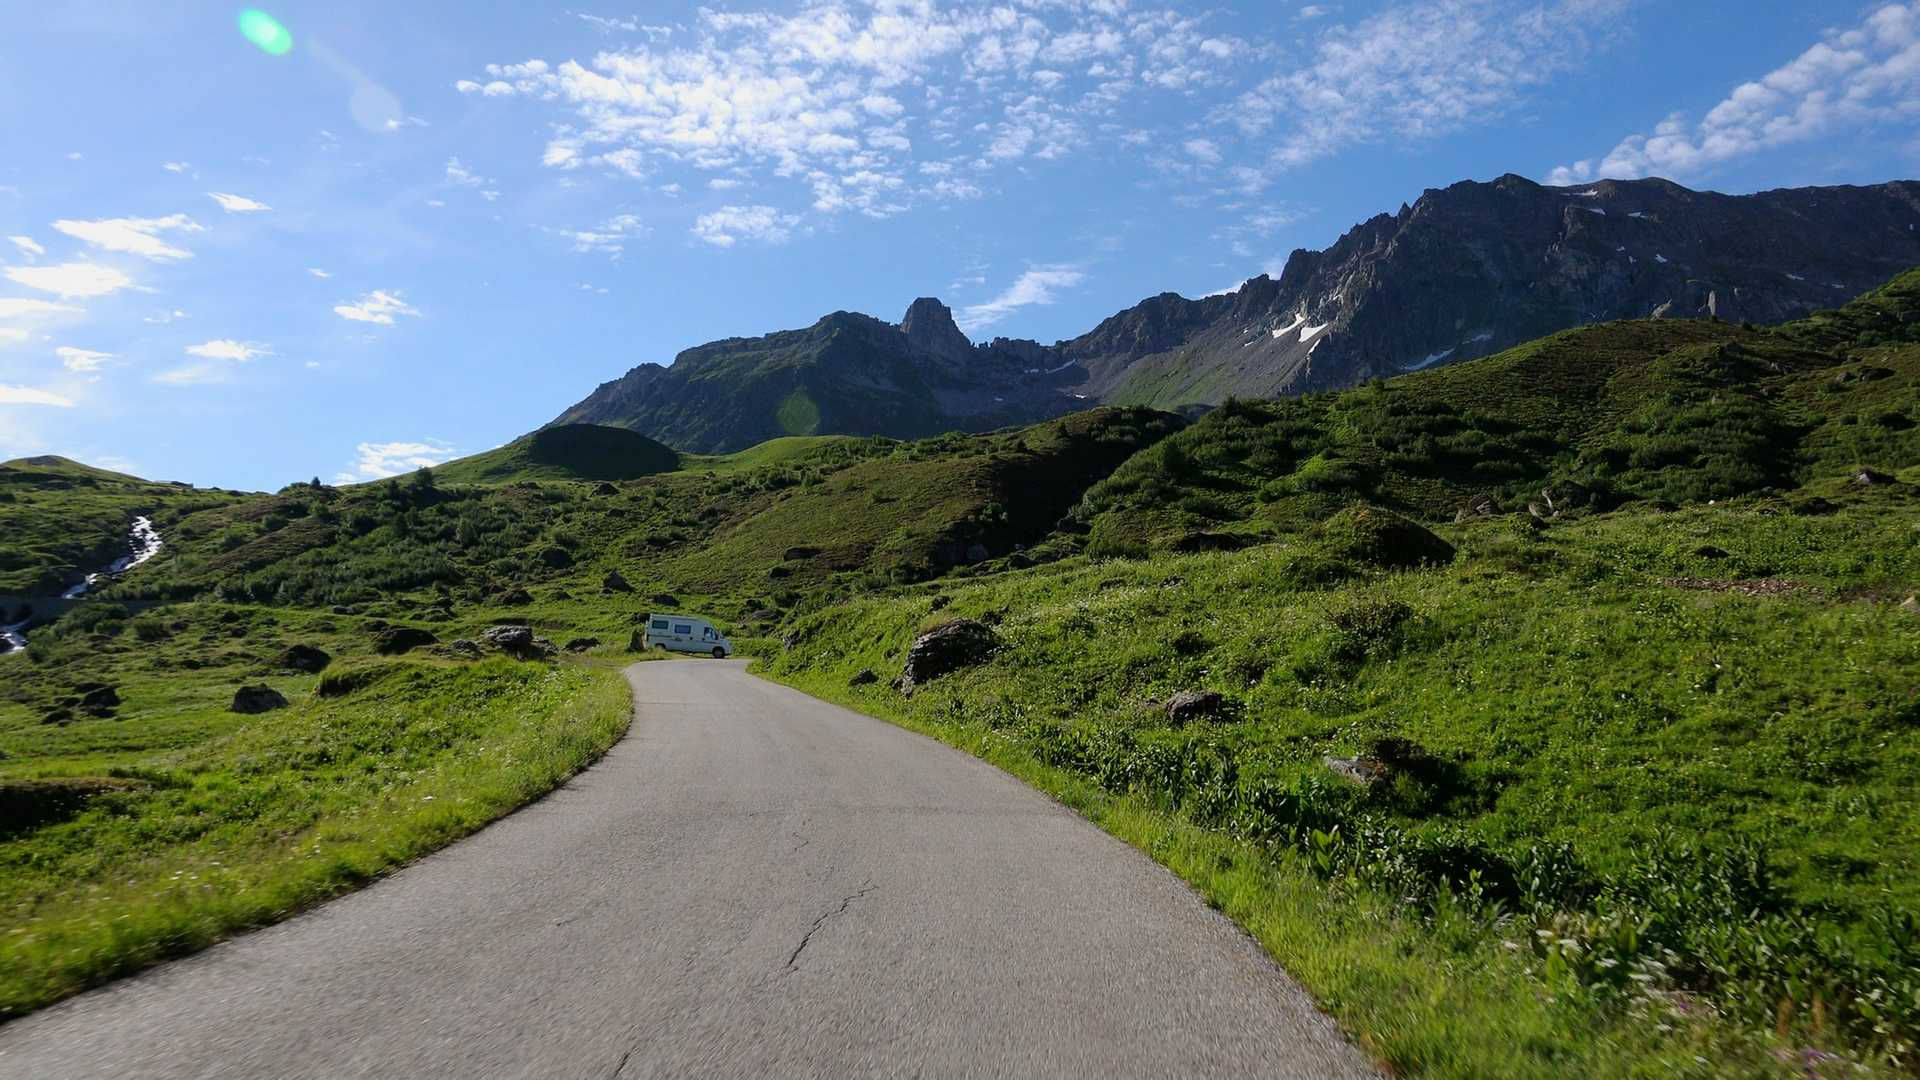 Col de Meraillet